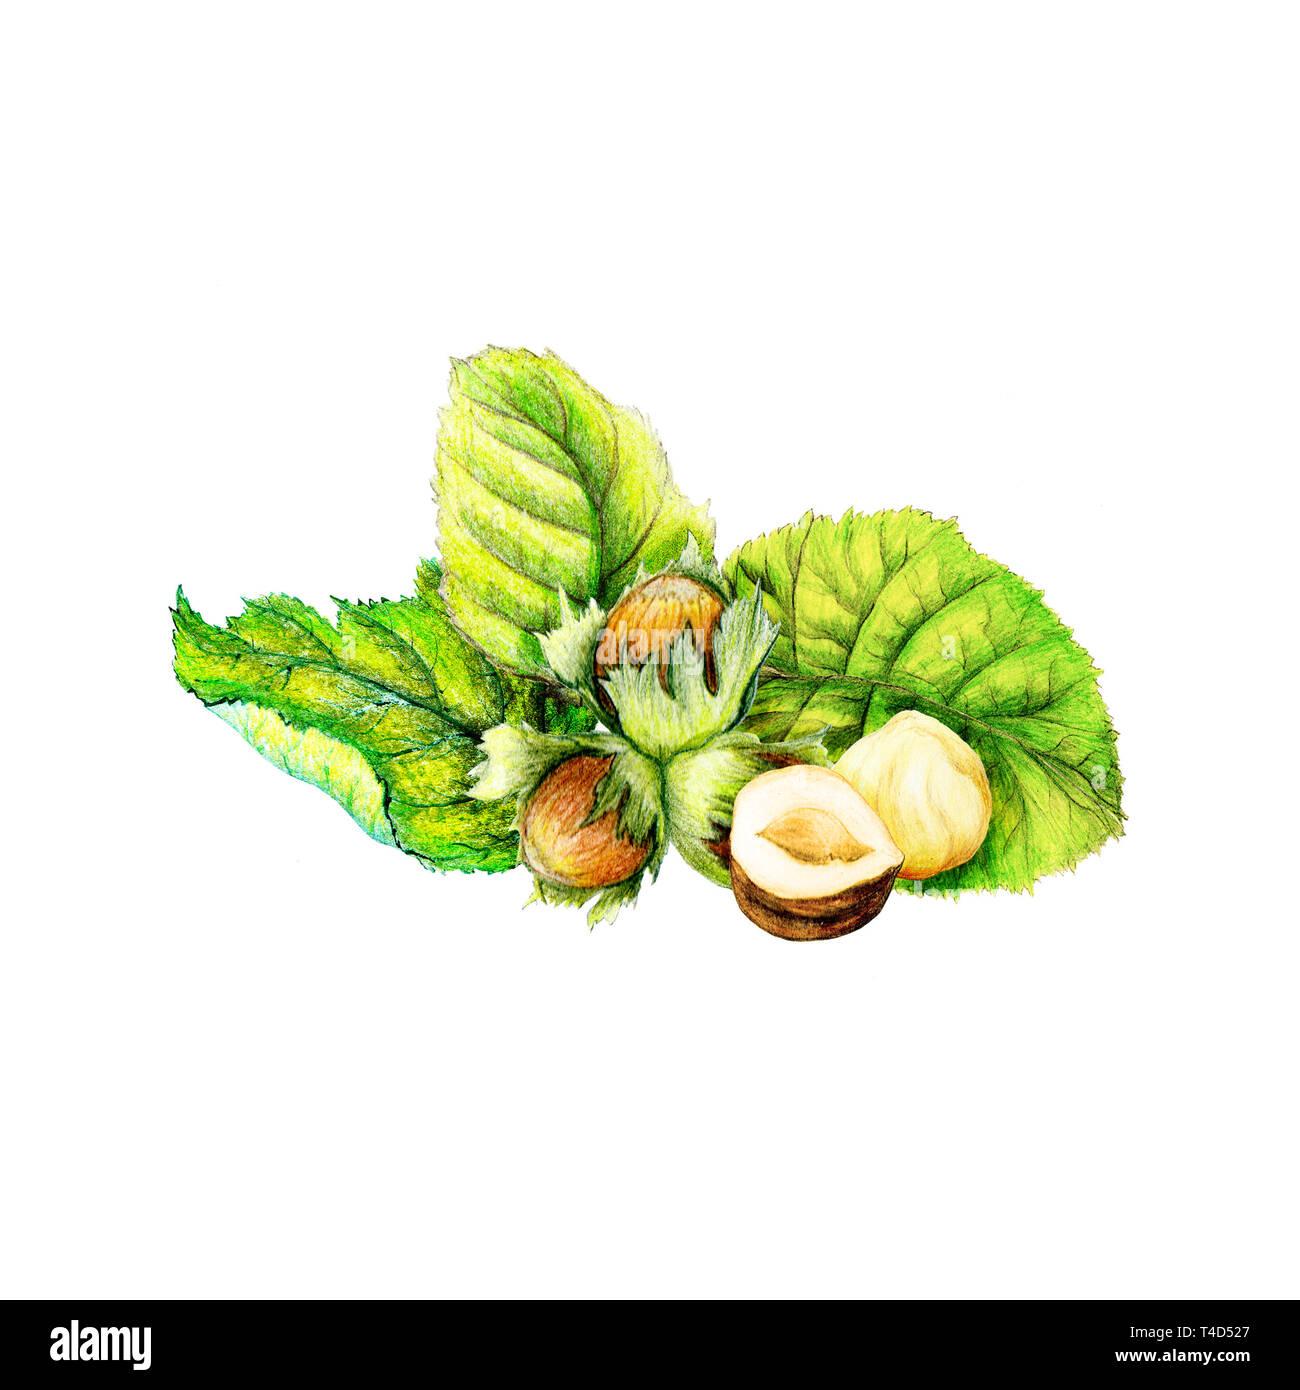 Botaniche illustrazione isolato di acquerelli di nocciole Immagini Stock